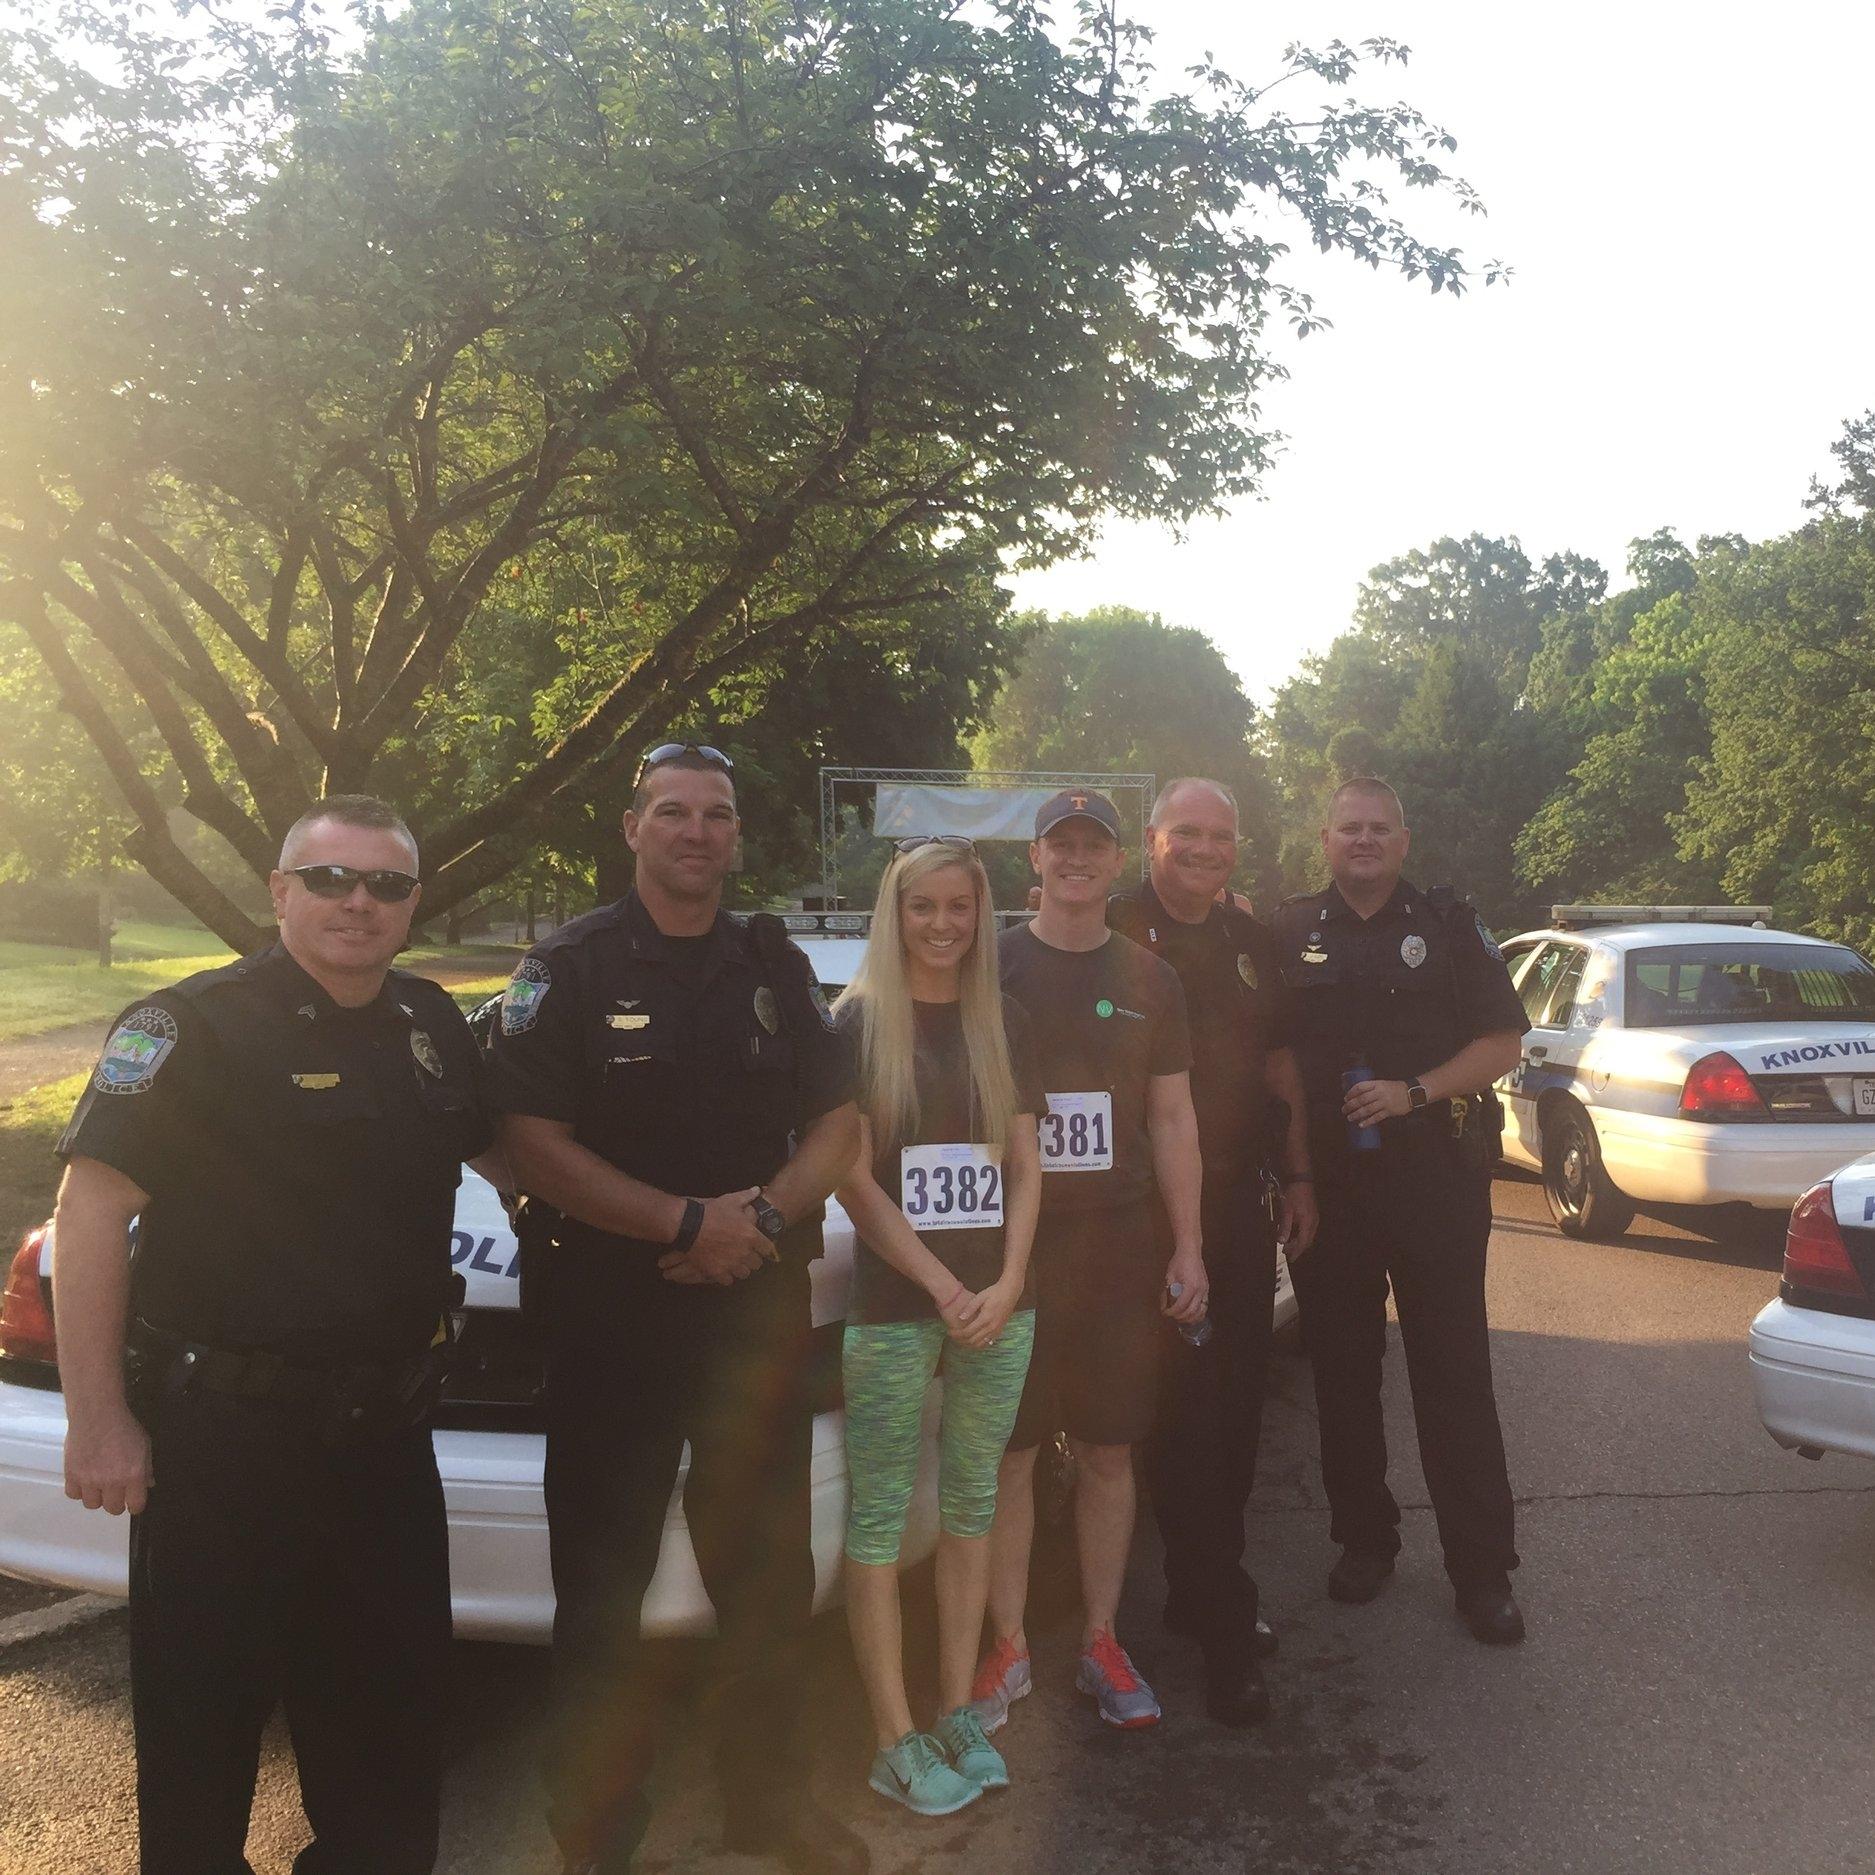 Knoxville Law Enforcement Memorial 5-K